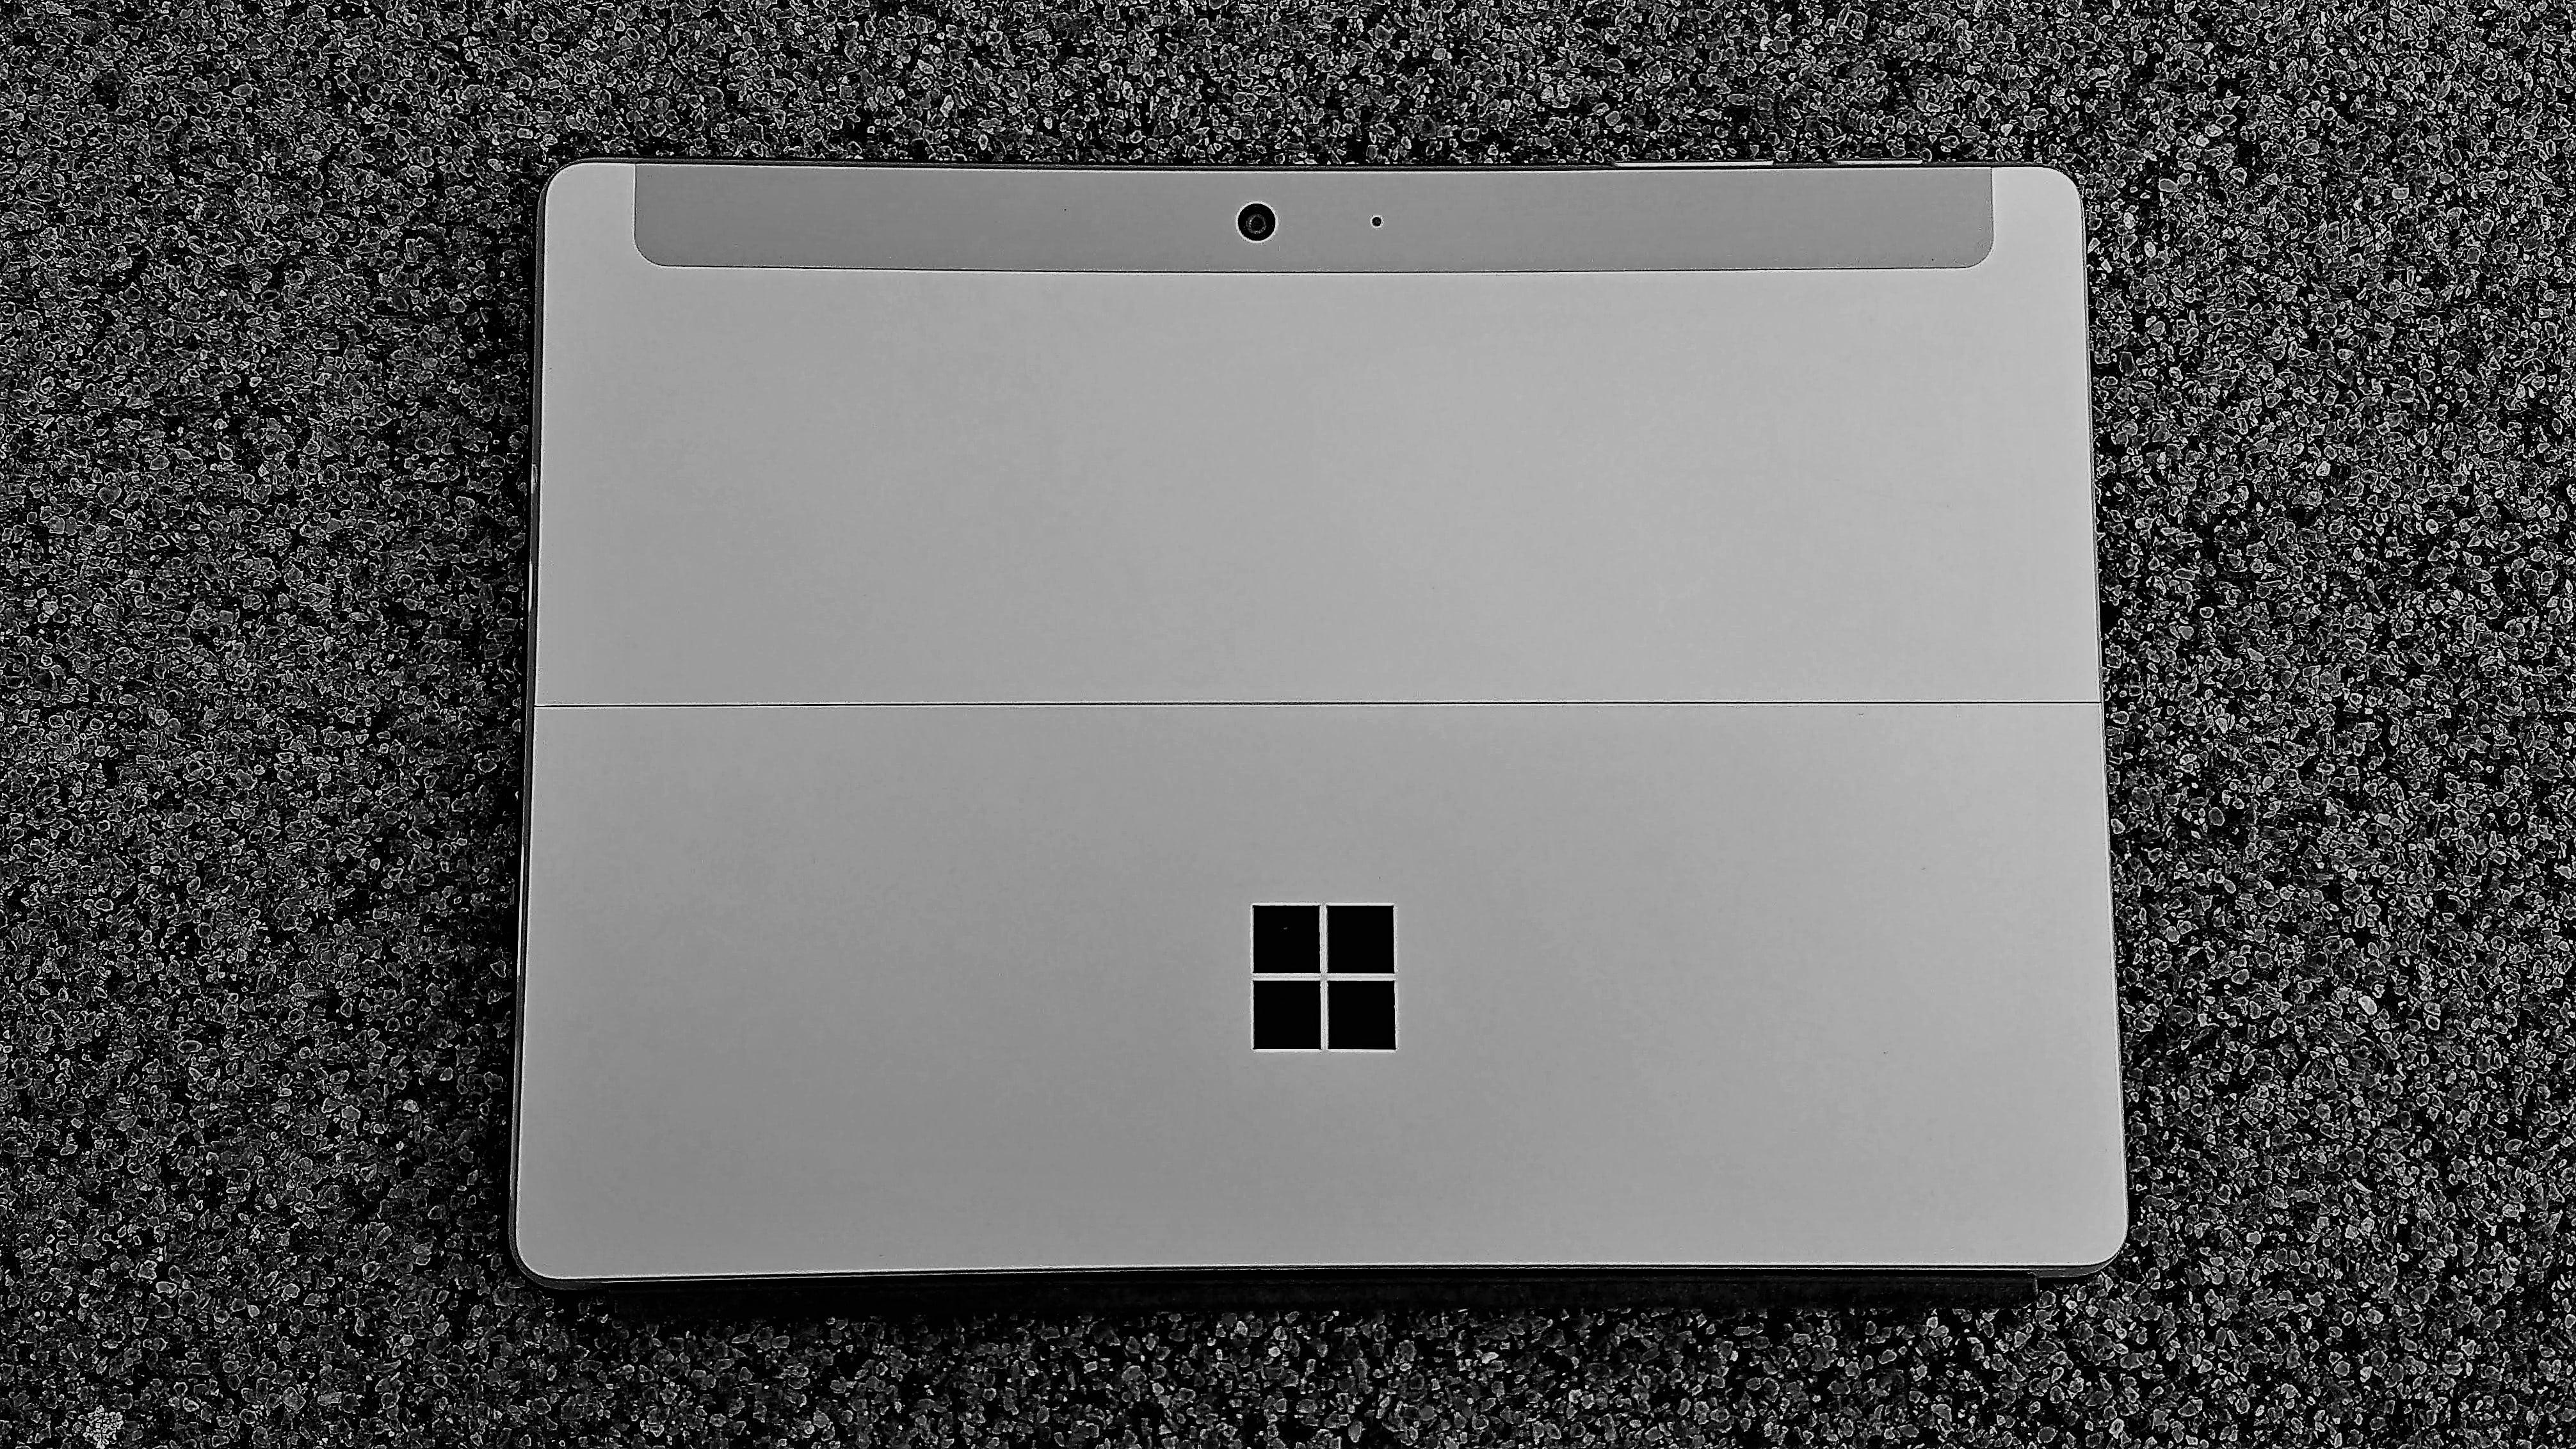 Recenzja Microsoft Surface Go. Dobry iPad z Windowsem i problemami egzystencjalnymi 20